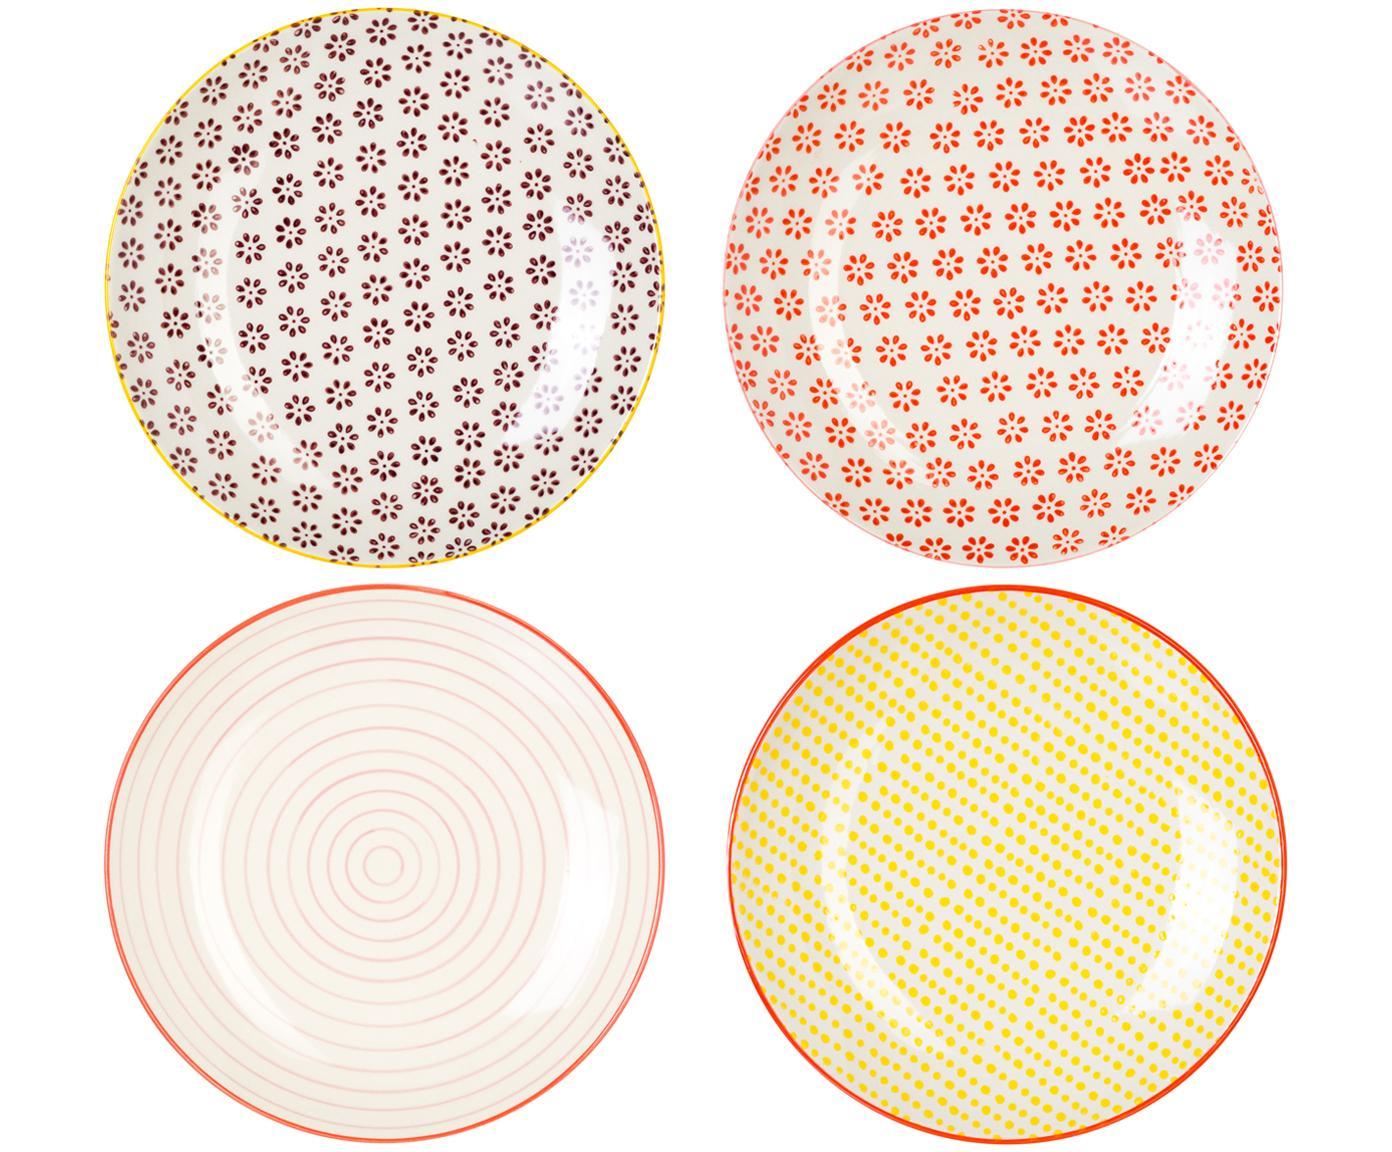 Set de platos postre Susie, 4pzas., Gres, Multicolor, Ø 20 cm